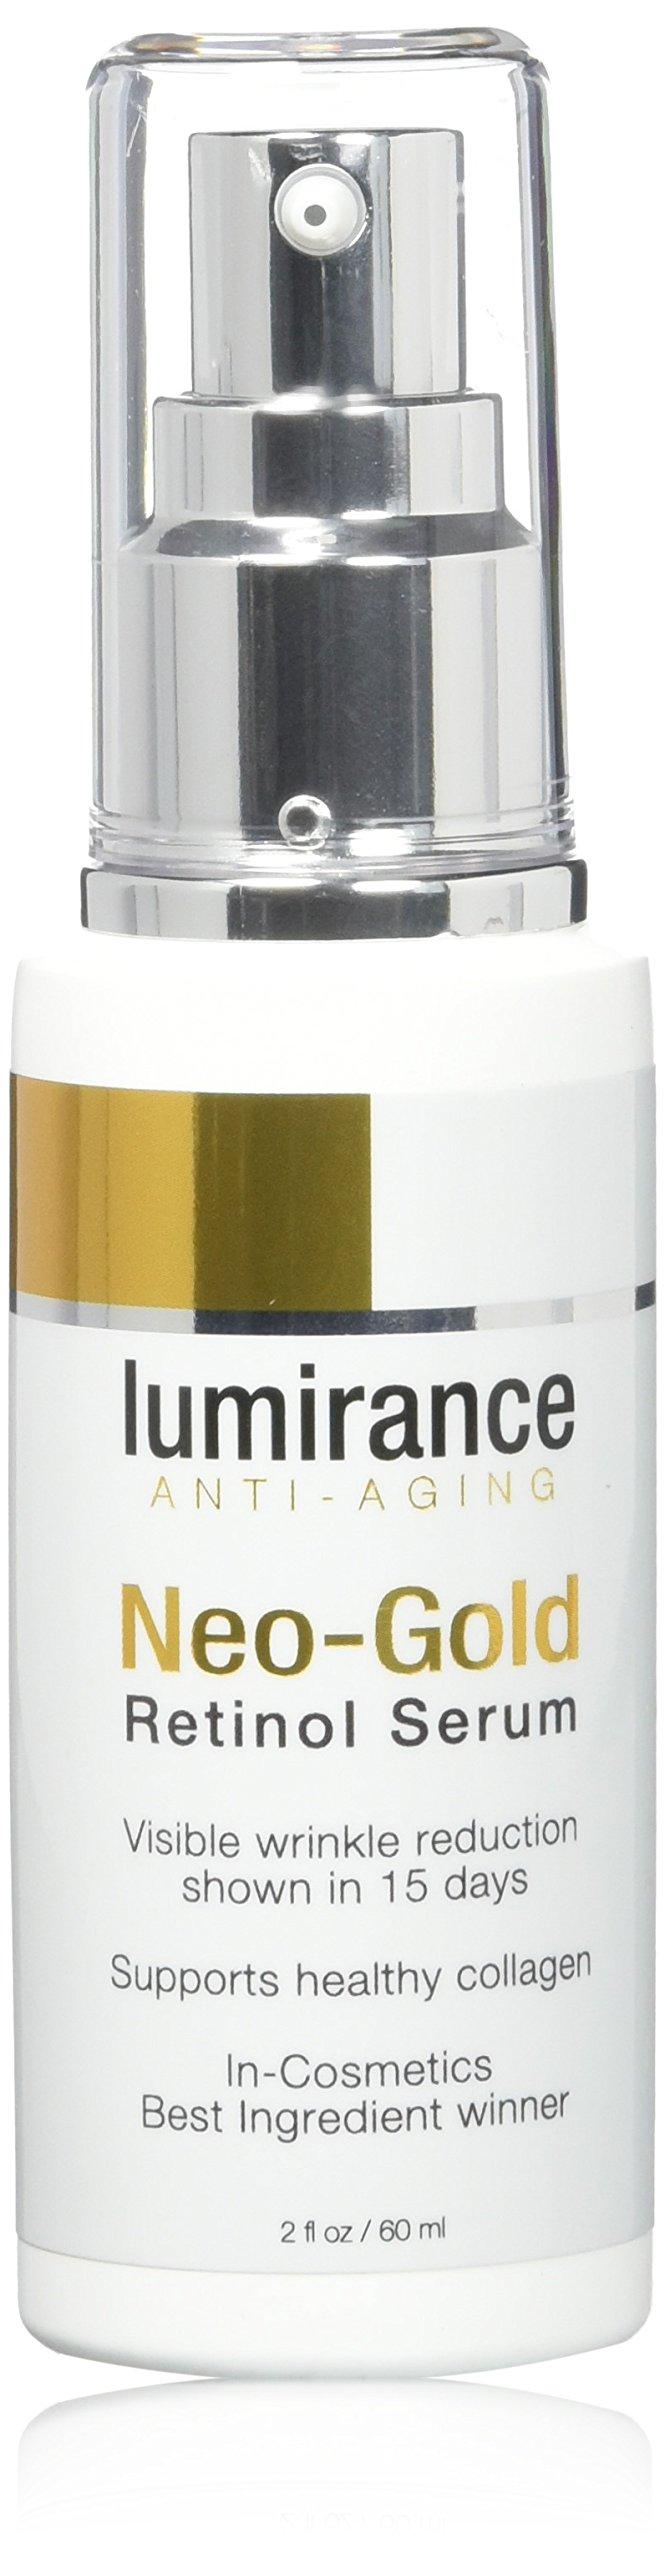 Lumirance Neo-Gold Retinol Serum 2 fl oz